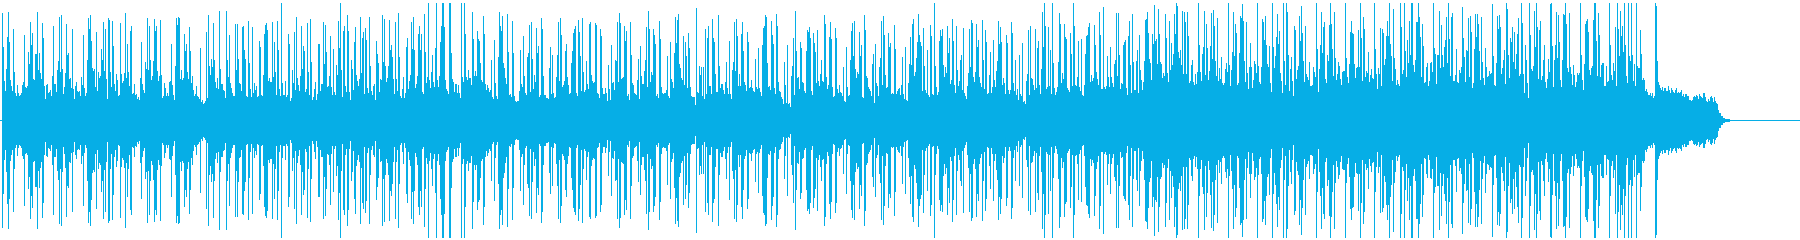 切なく悲しいミディアムポップの再生済みの波形